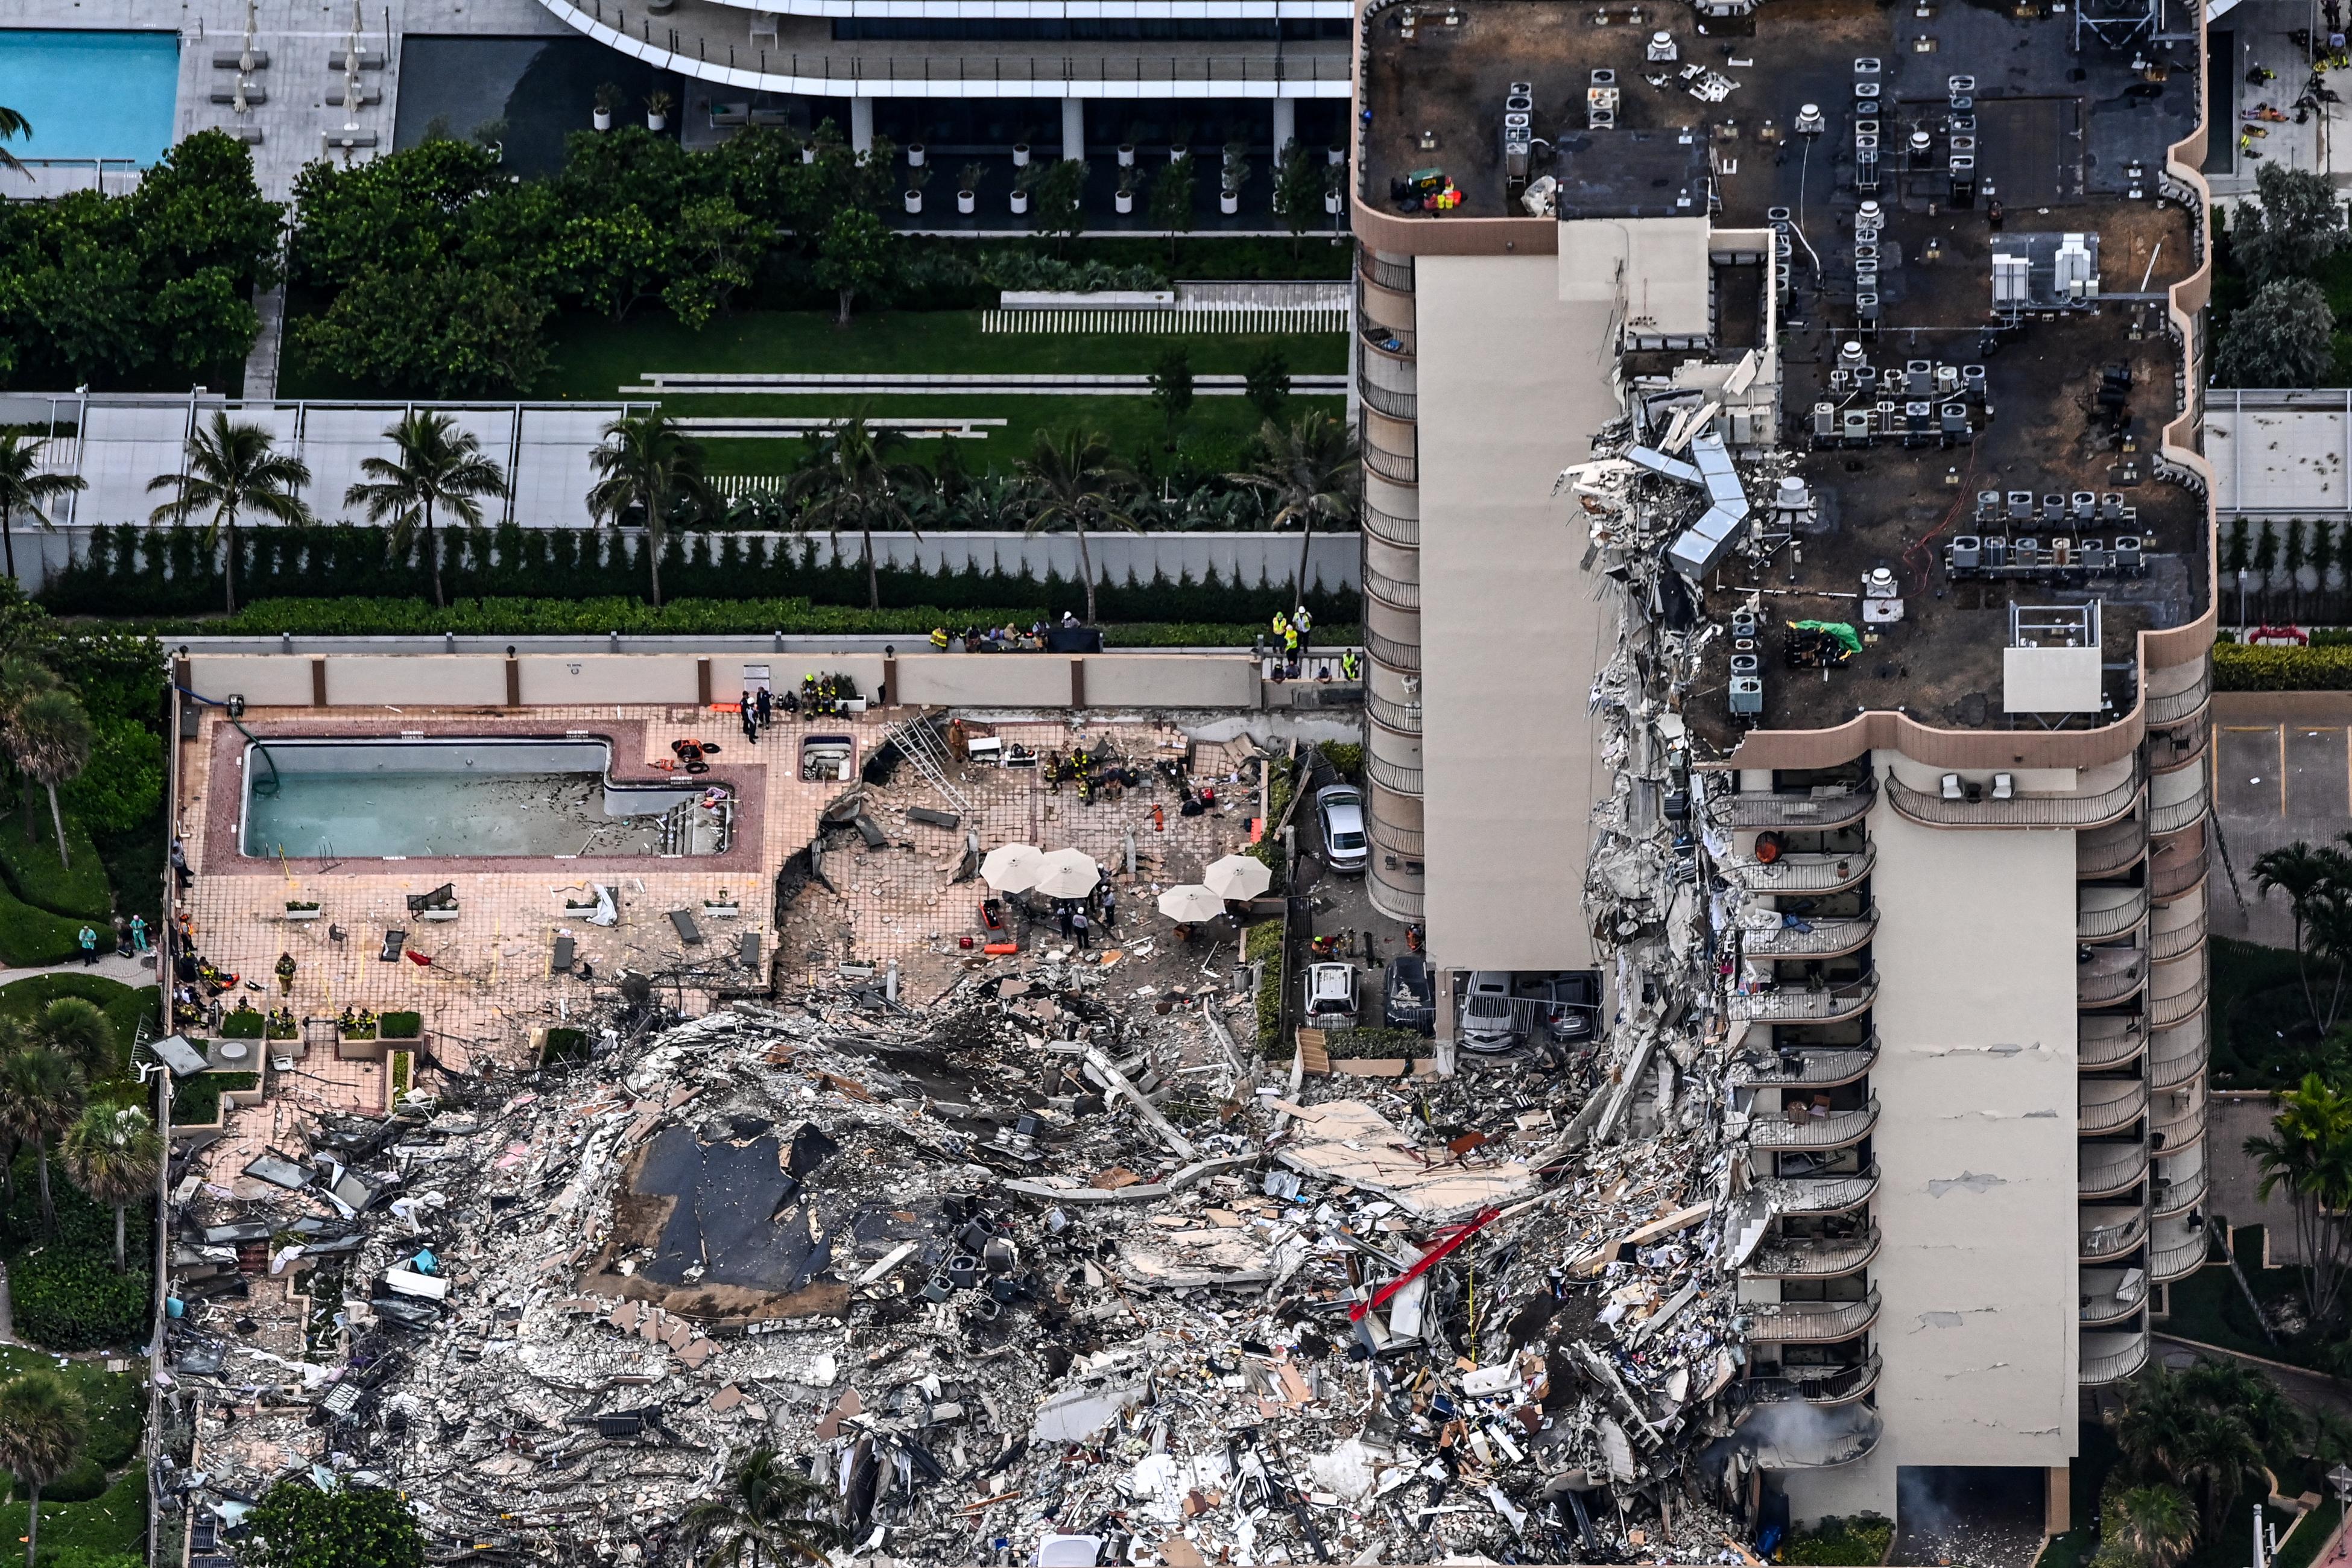 Közel száz embert nem találnak, miután összeomlott egy lakóház Miamiban